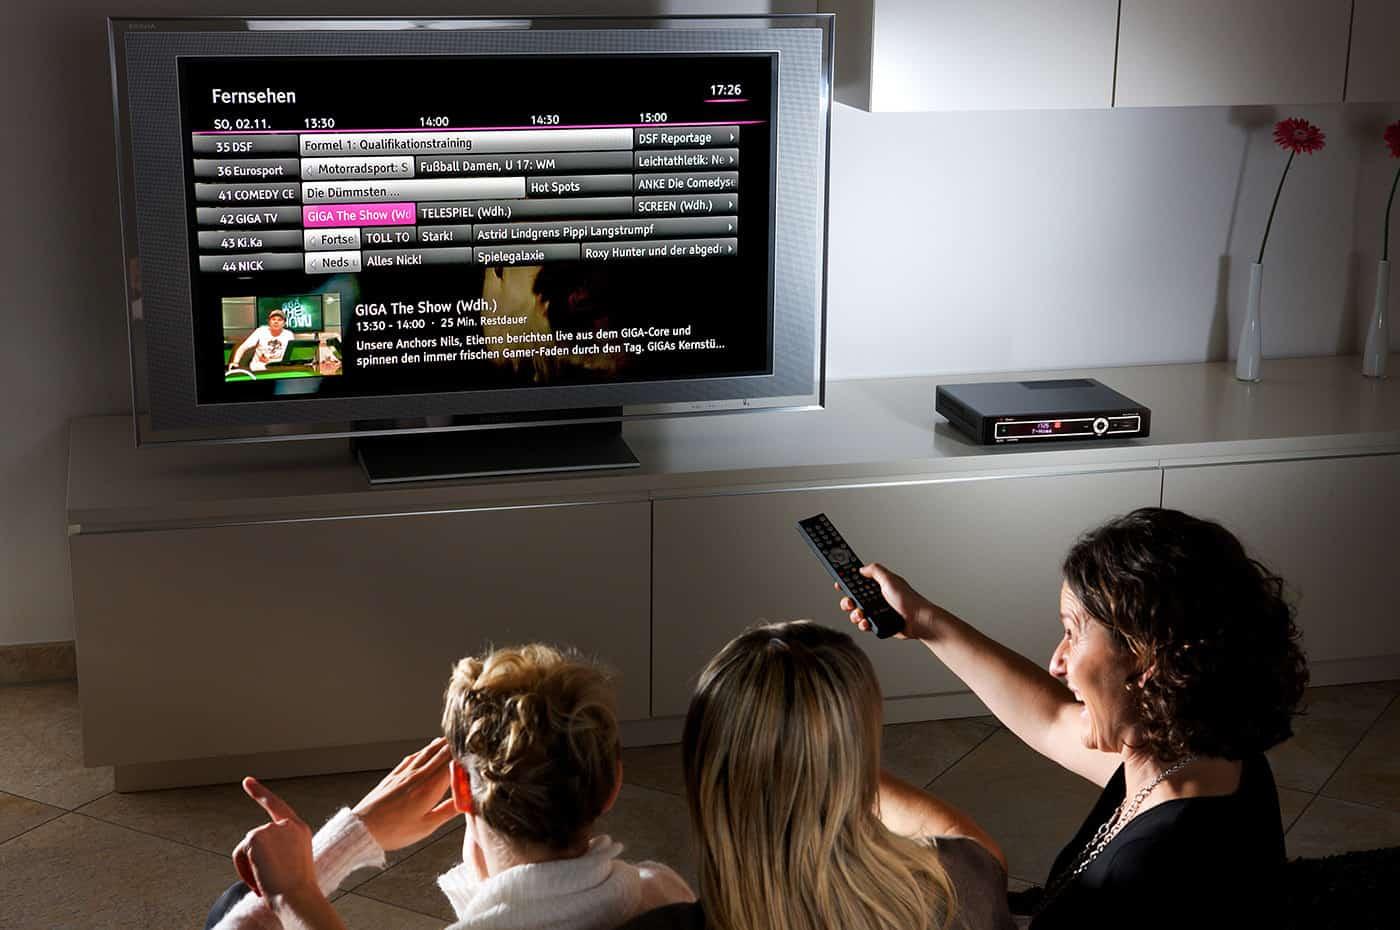 IPTV: Übersicht, Vergleich und Tarife der Anbieter